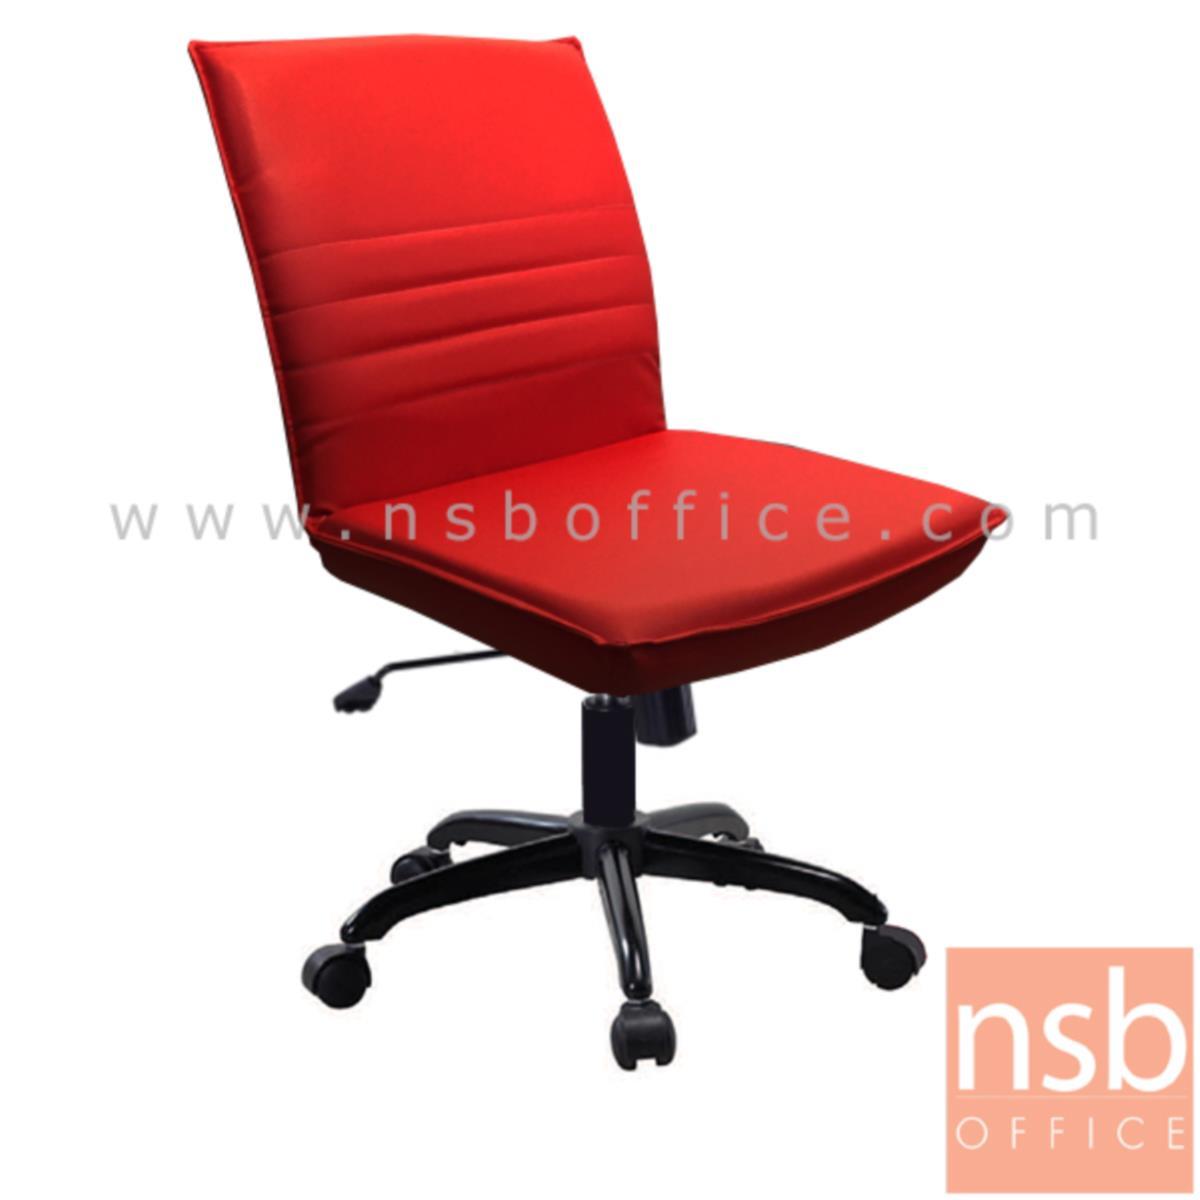 B33A005:เก้าอี้สำนักงาน  รุ่น Marc (มาร์ก)  โช๊คแก๊ส มีก้อนโยก ขาเหล็กพ่นดำ